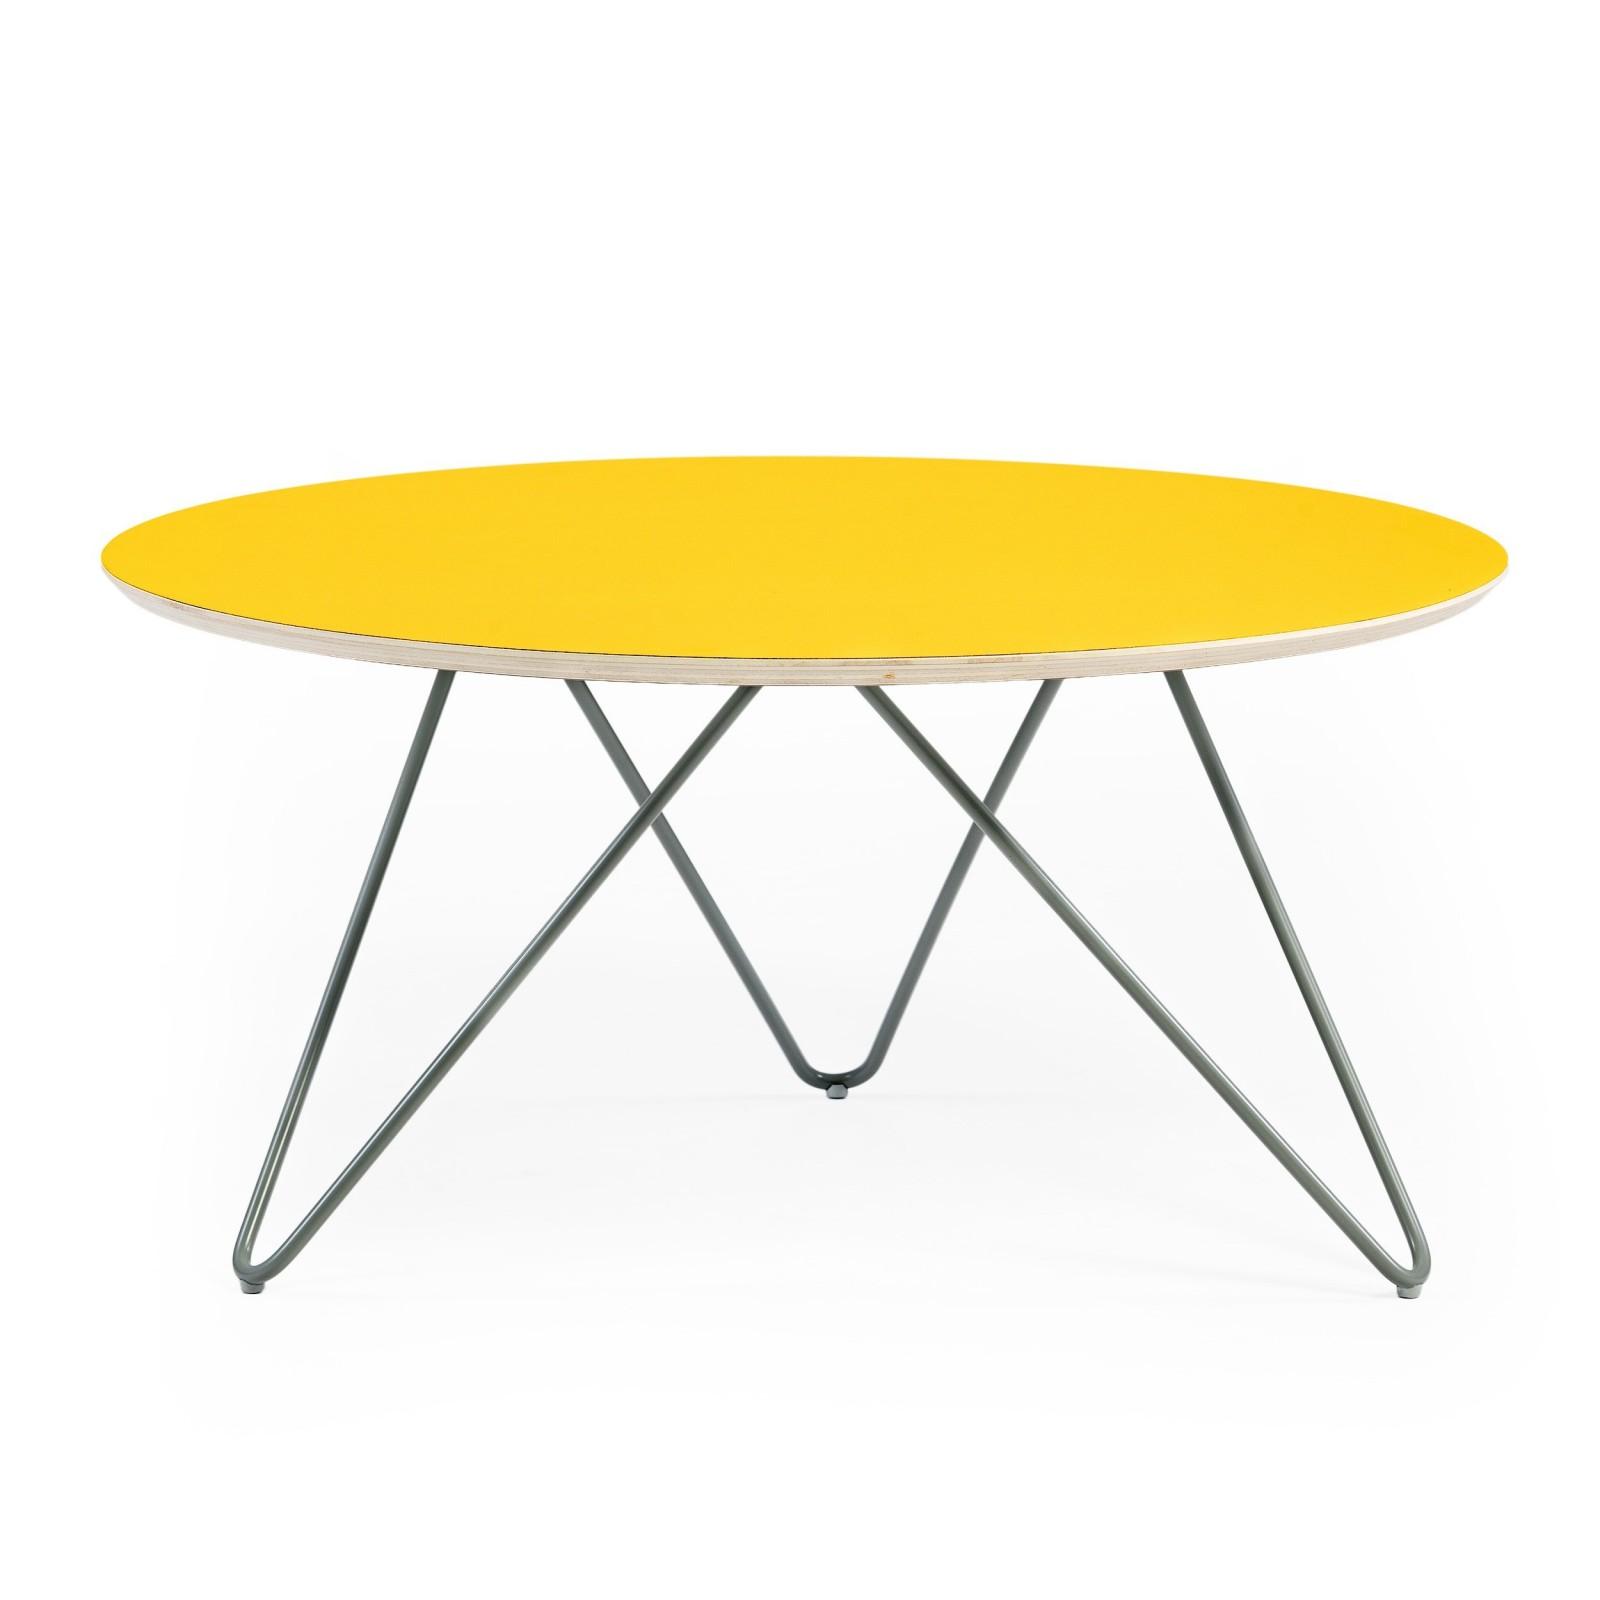 Stolik Zig-Zag R 75 - żółty